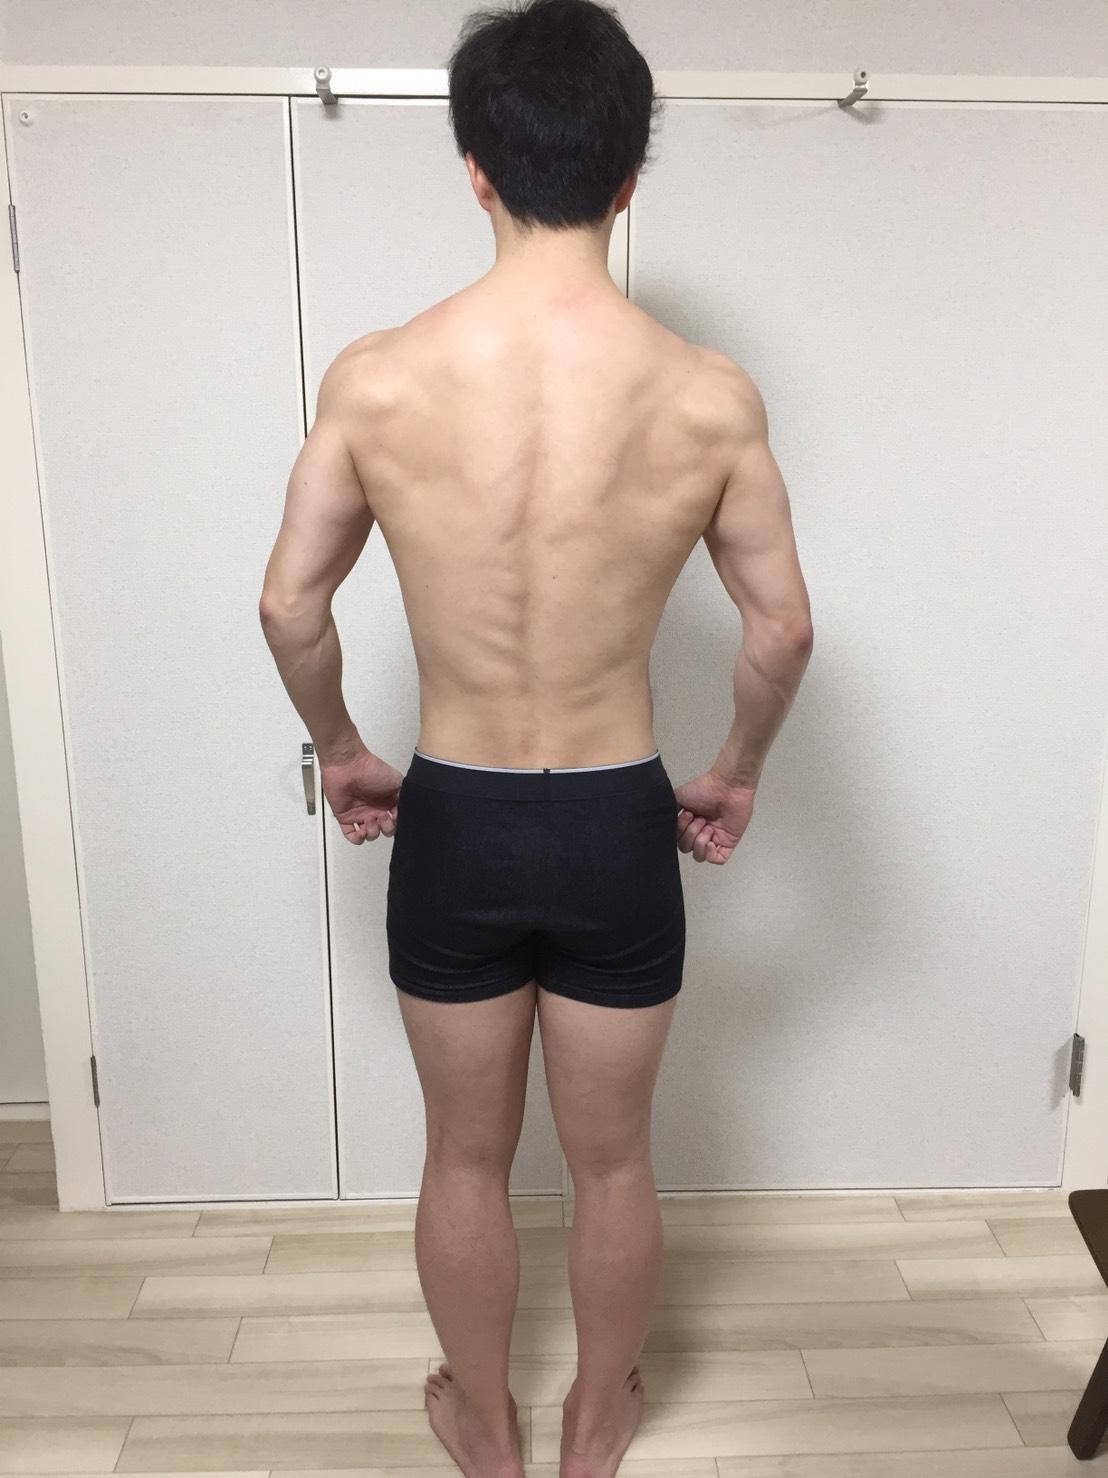 2019年3月26日の身体の様子(背面)